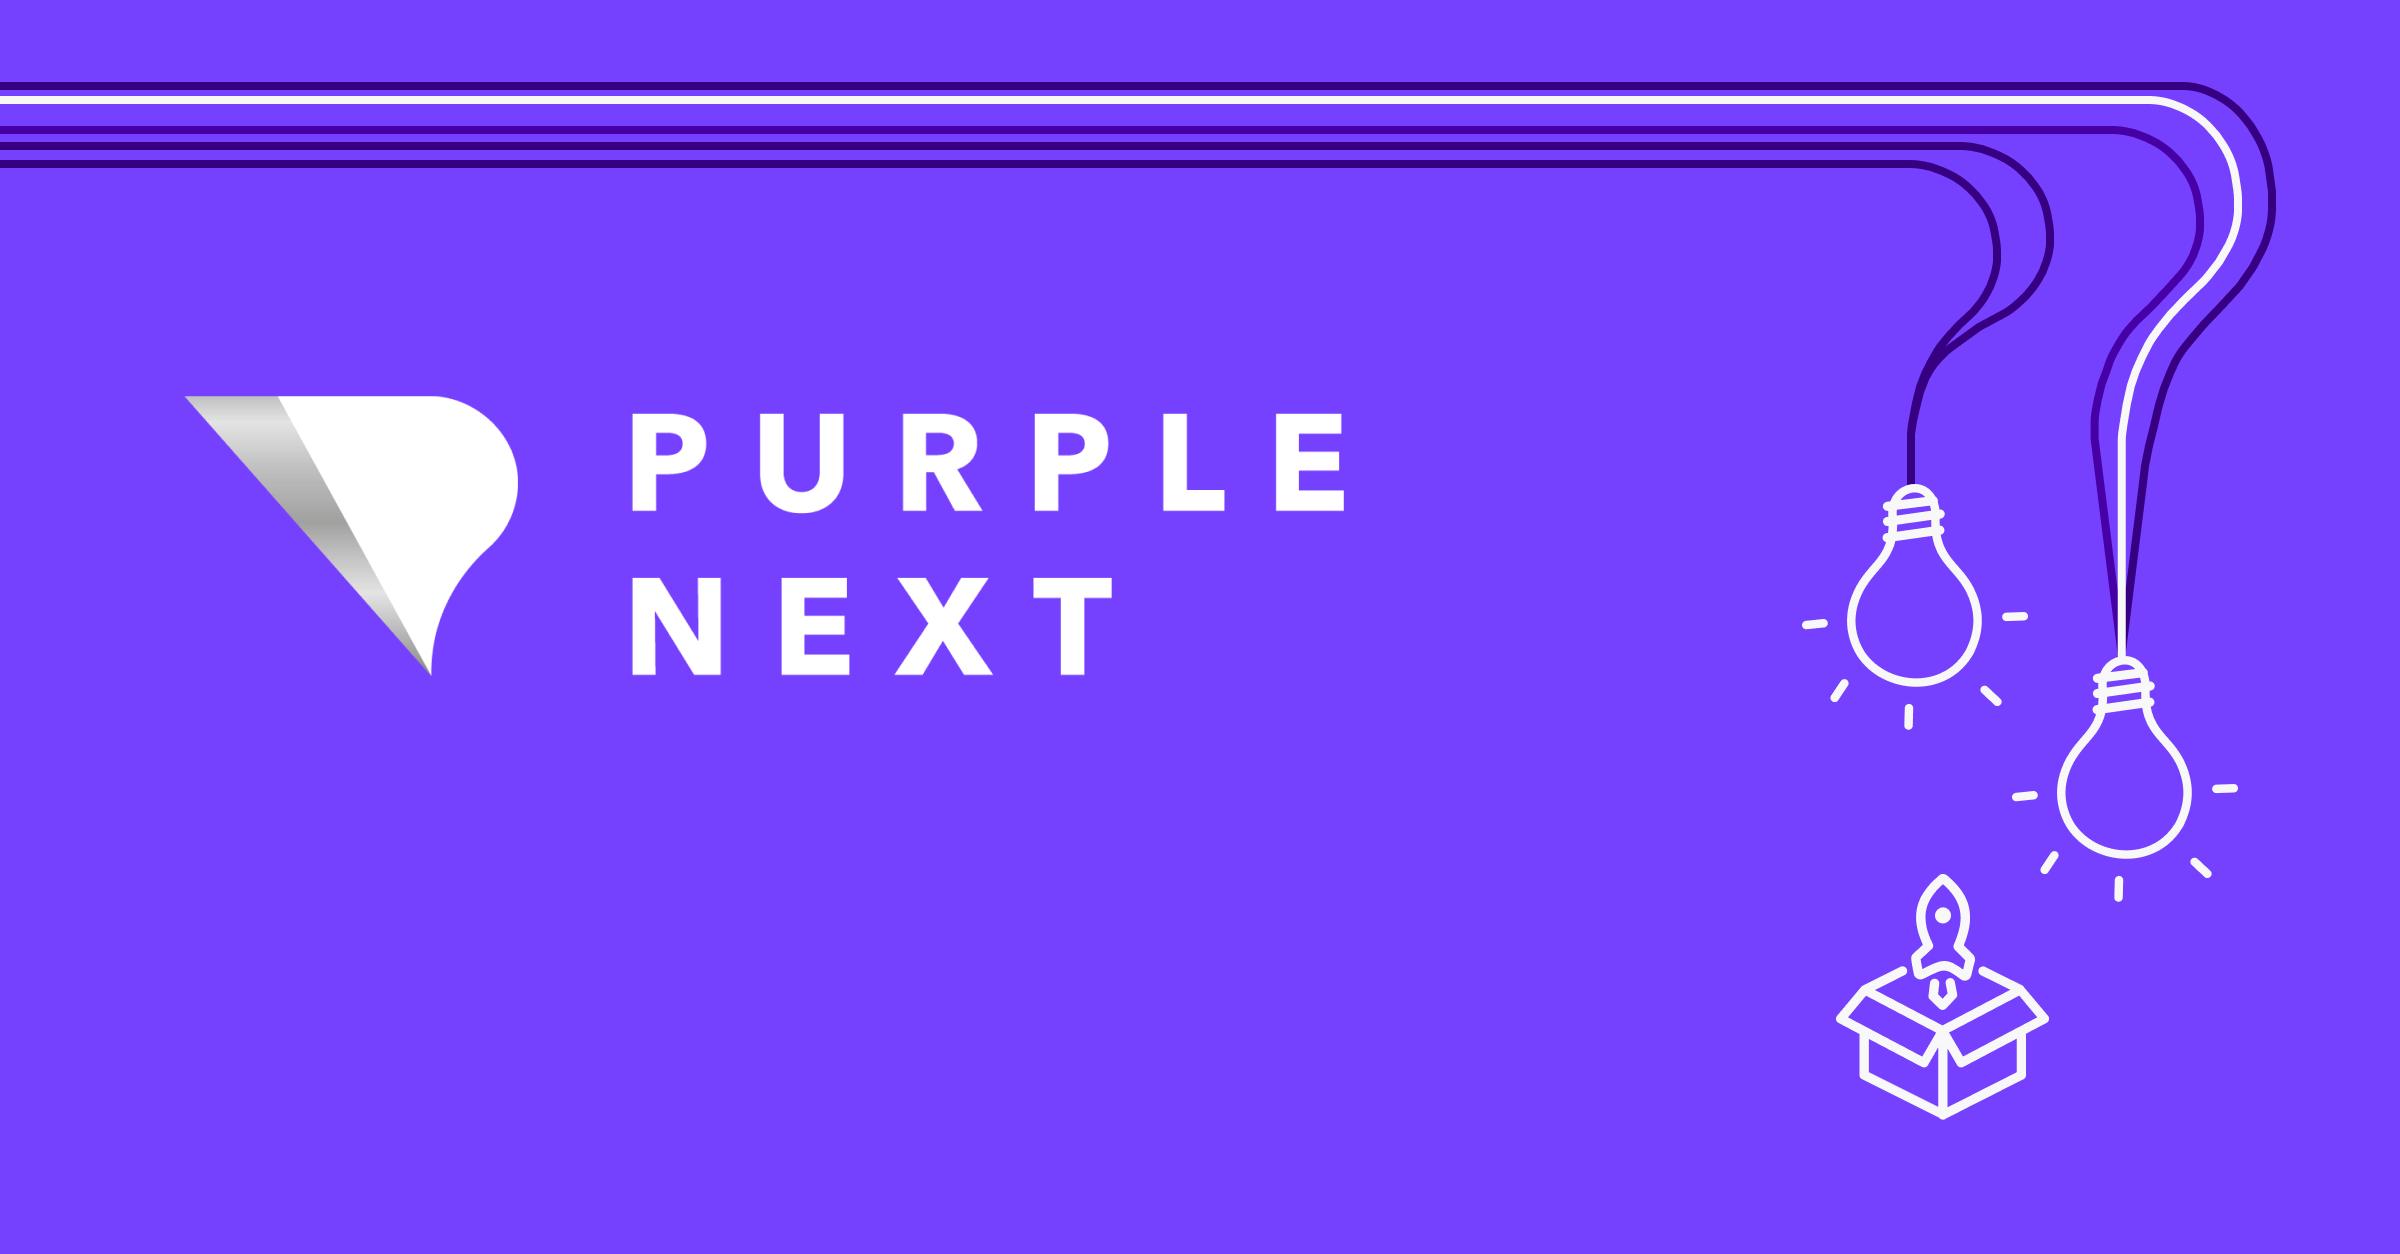 CS Purple Next 2 (1)